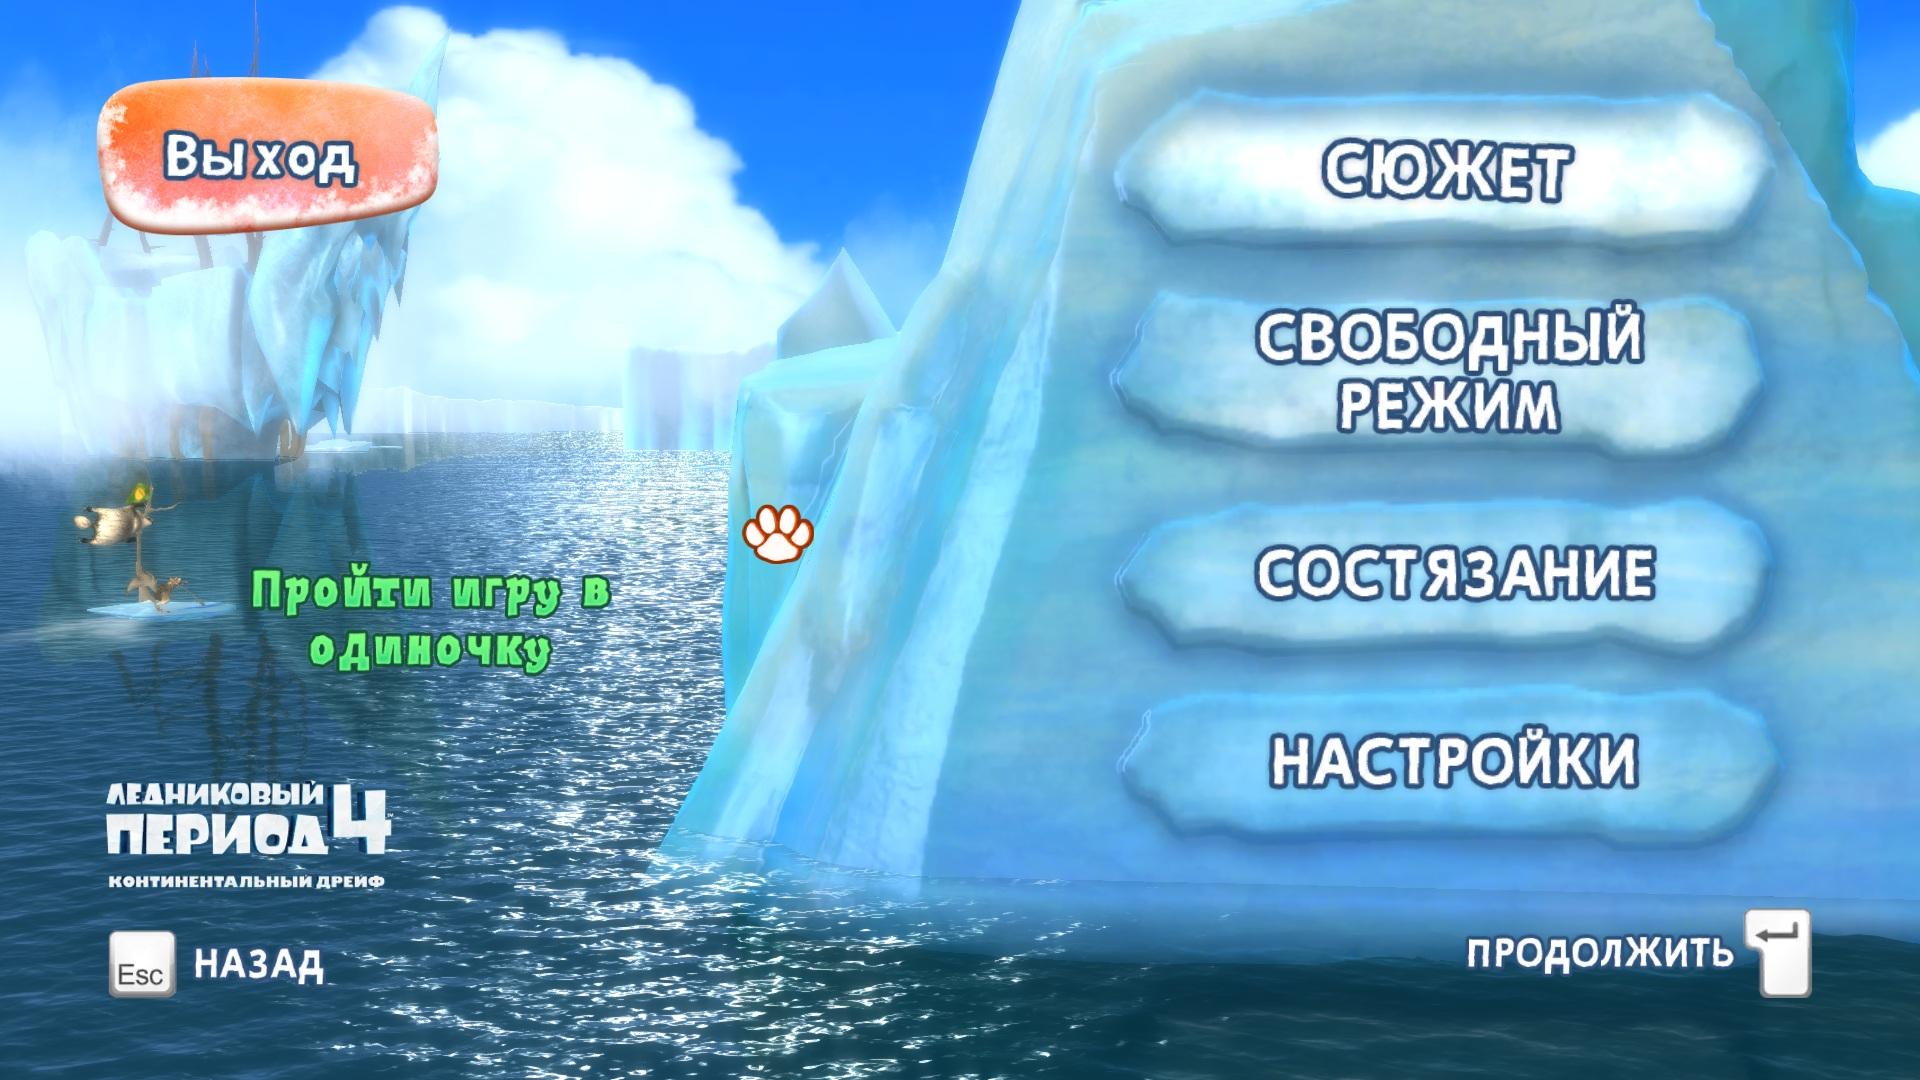 Игра Ледниковый период 3 Скачать Торрент Бесплатно на Компьютер